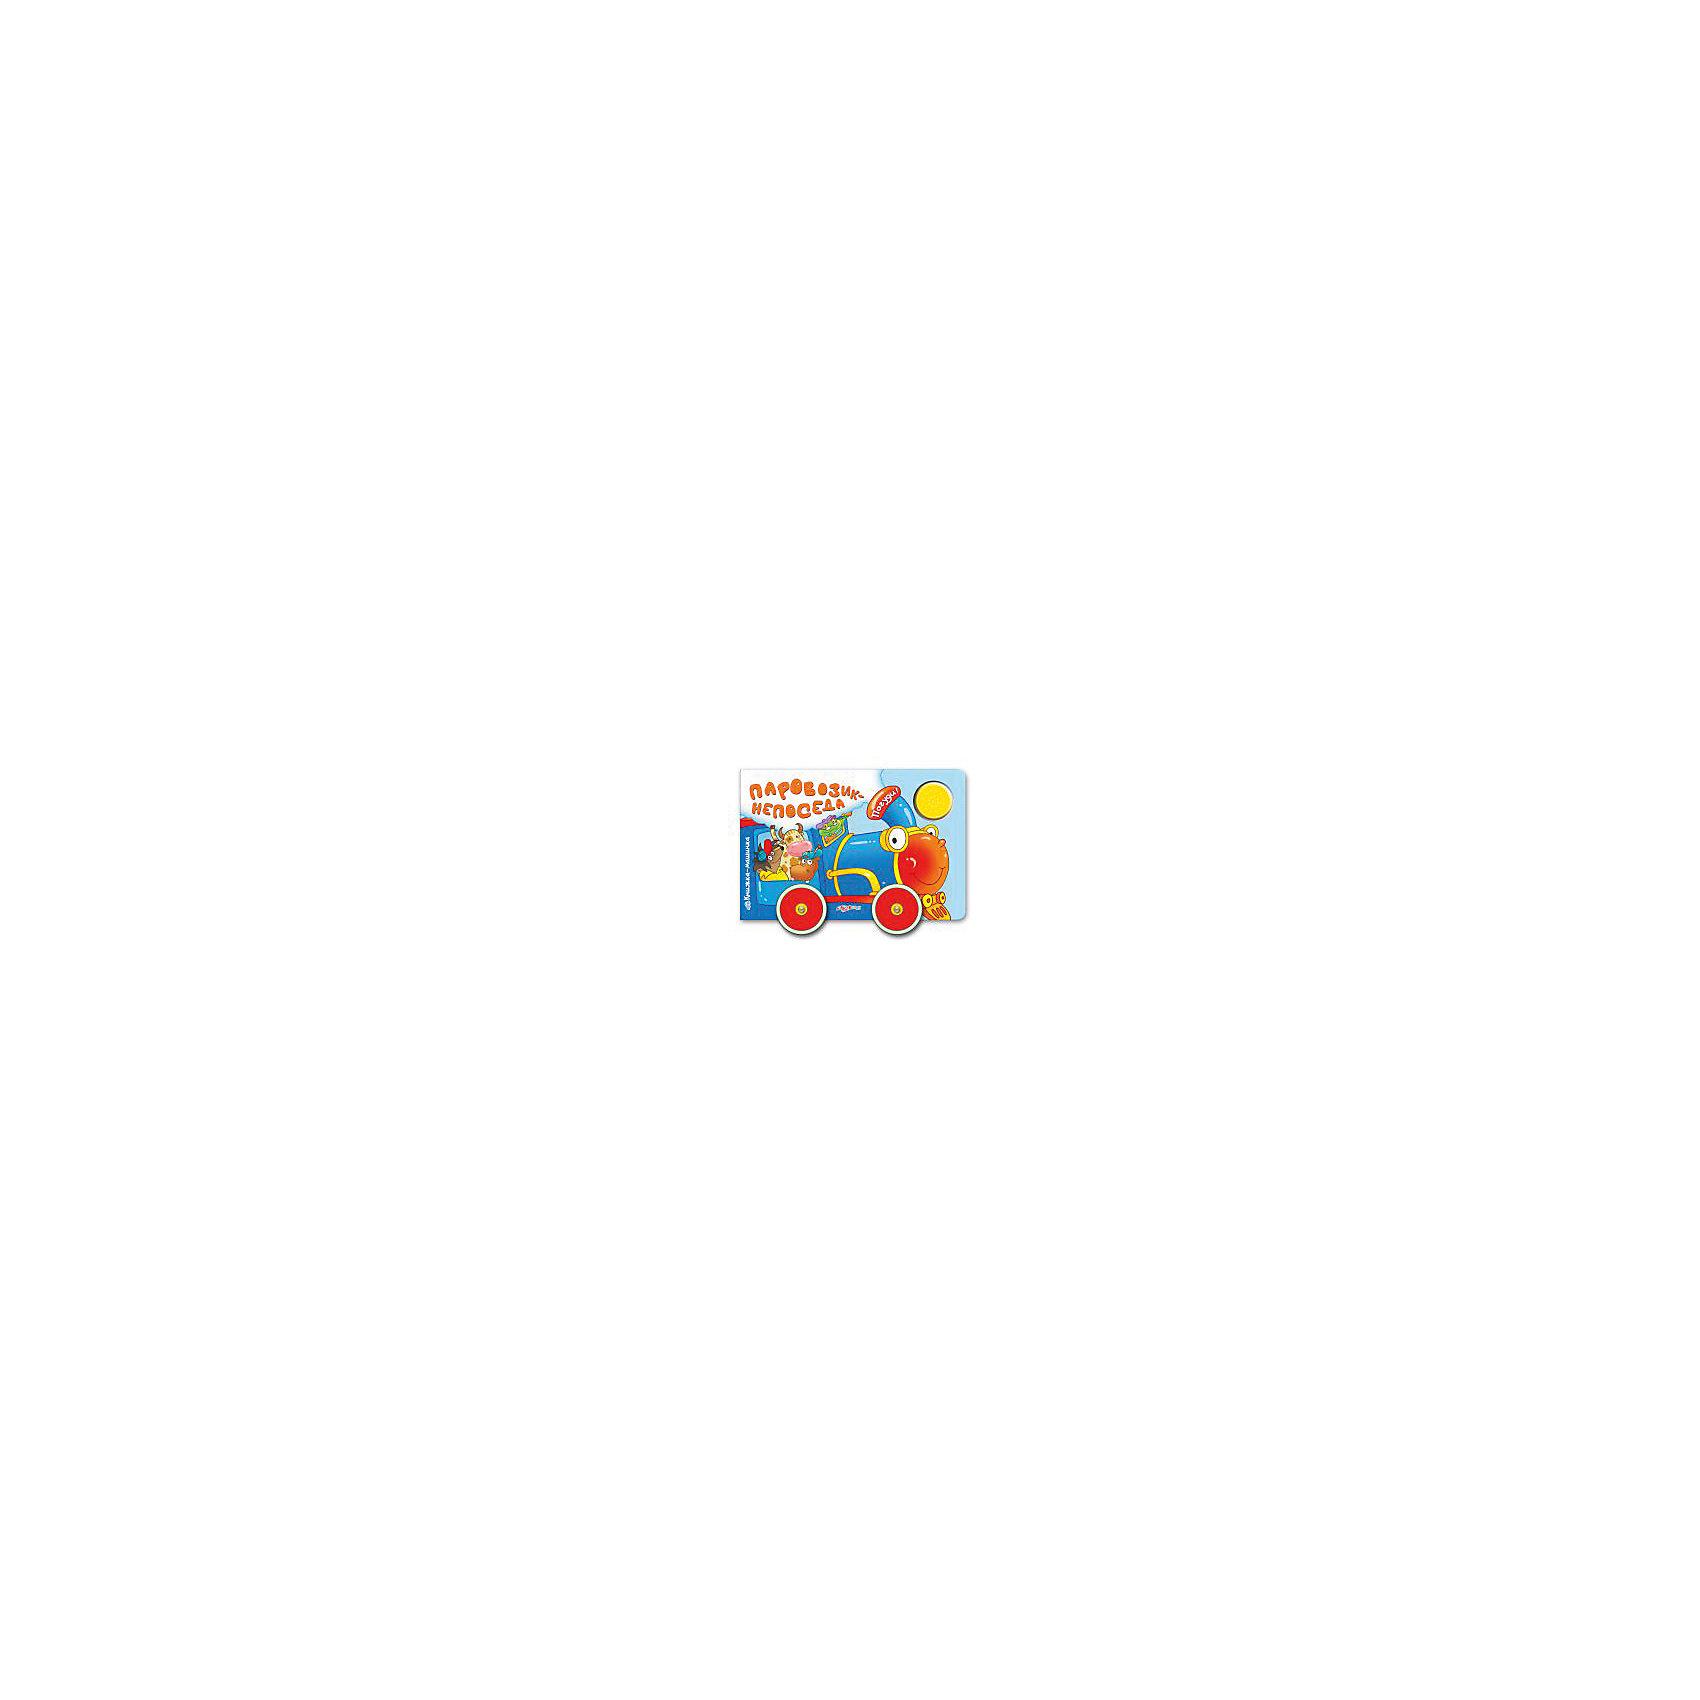 Книга со звуковым модулем Паровозик-непоседаПаровозик-непоседа приглашает малышей в увлекательное путешествие! <br>Плотные картонные странички легко переворачивать даже самым юным читателям.<br>Яркие иллюстрации и разнообразные звуки сделают путешествие веселым и незабываемым. <br><br>Дополнительная информация:<br><br>- Формат: 21х14 см.<br>- Количество страниц: 10.<br>- Обложка: твердая.<br>- Иллюстрации: цветные.<br>- Плотные картонные страницы. <br>- Звуковой модуль. <br>- Элемент питания: батарейки  ( AG3/LR41), в комплекте.<br><br>Книгу со звуковым модулем Паровозик-непоседа можно купить в нашем магазине.<br><br>Ширина мм: 19<br>Глубина мм: 21<br>Высота мм: 19<br>Вес г: 240<br>Возраст от месяцев: 24<br>Возраст до месяцев: 48<br>Пол: Унисекс<br>Возраст: Детский<br>SKU: 4951772